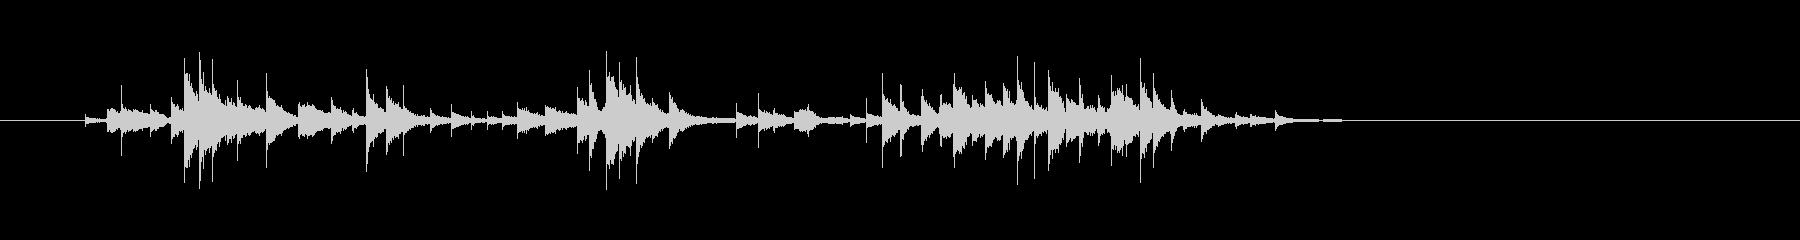 コメディフレキシトーンアクセント-...の未再生の波形